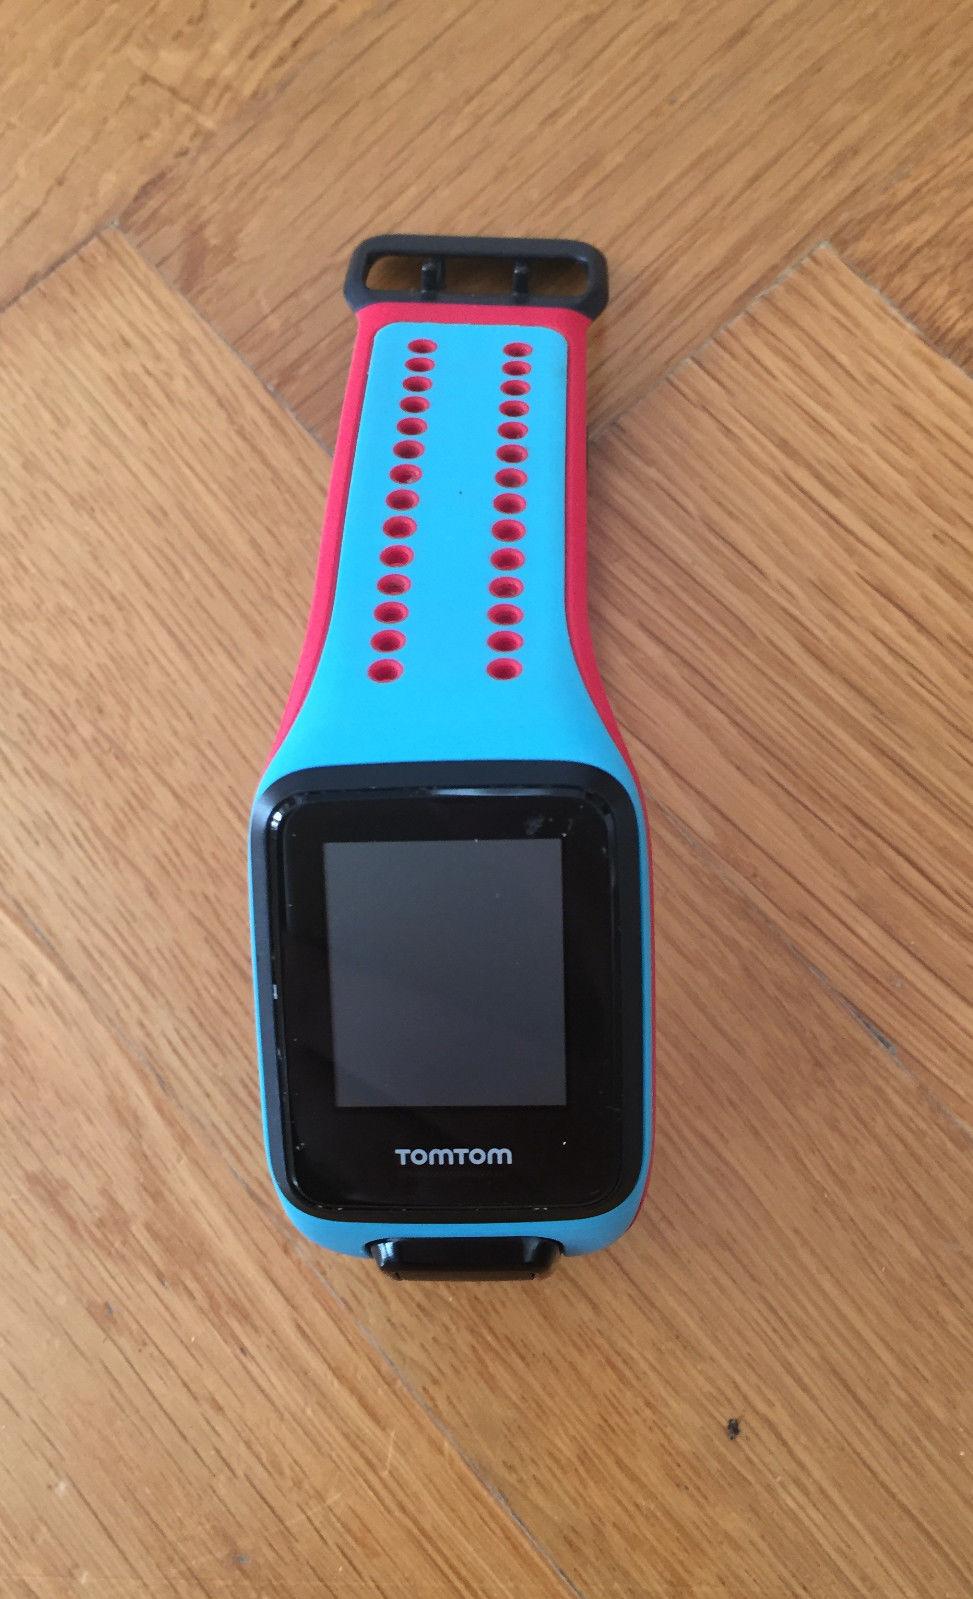 TomTom Multisport Cardio GPS Laufuhr mit Pulsmesser neuwertig inkl. Ladekabel